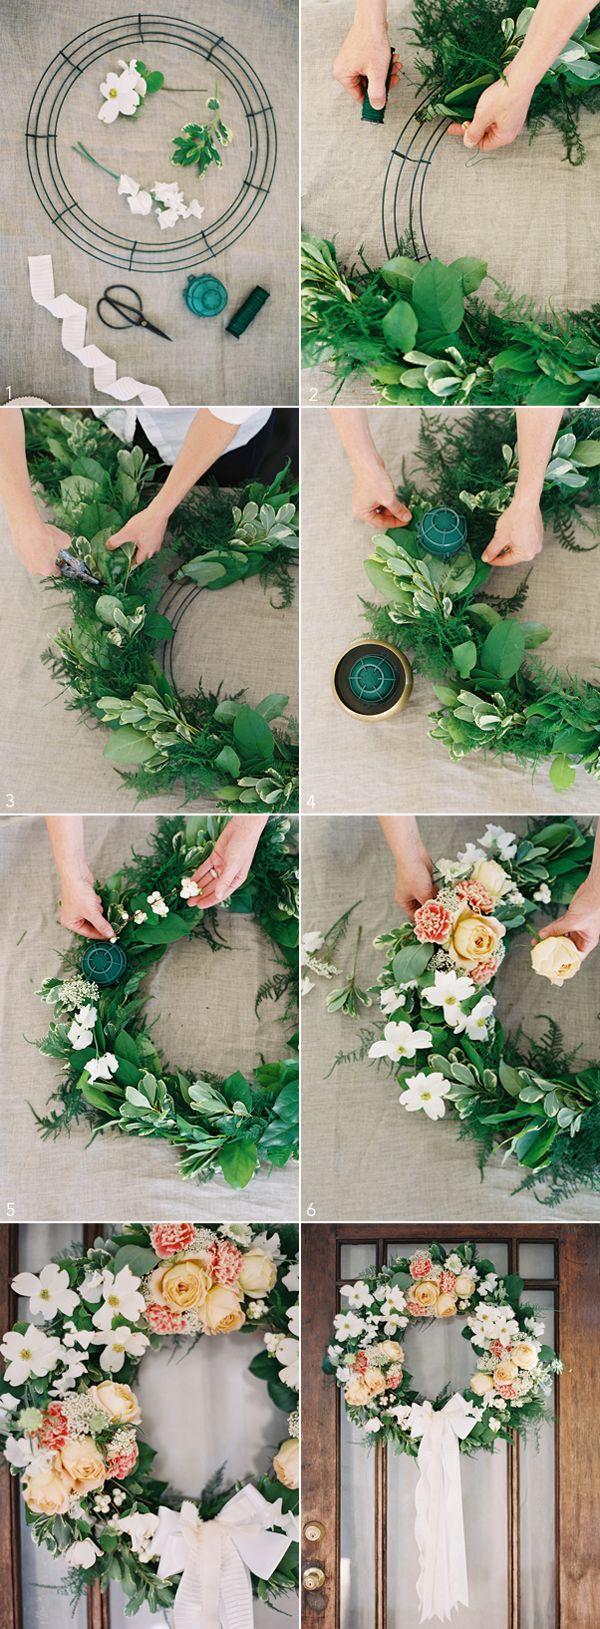 Easy Diy Wedding Decorations 20 Creative Diy Wedding Ideas For 2016 Spring